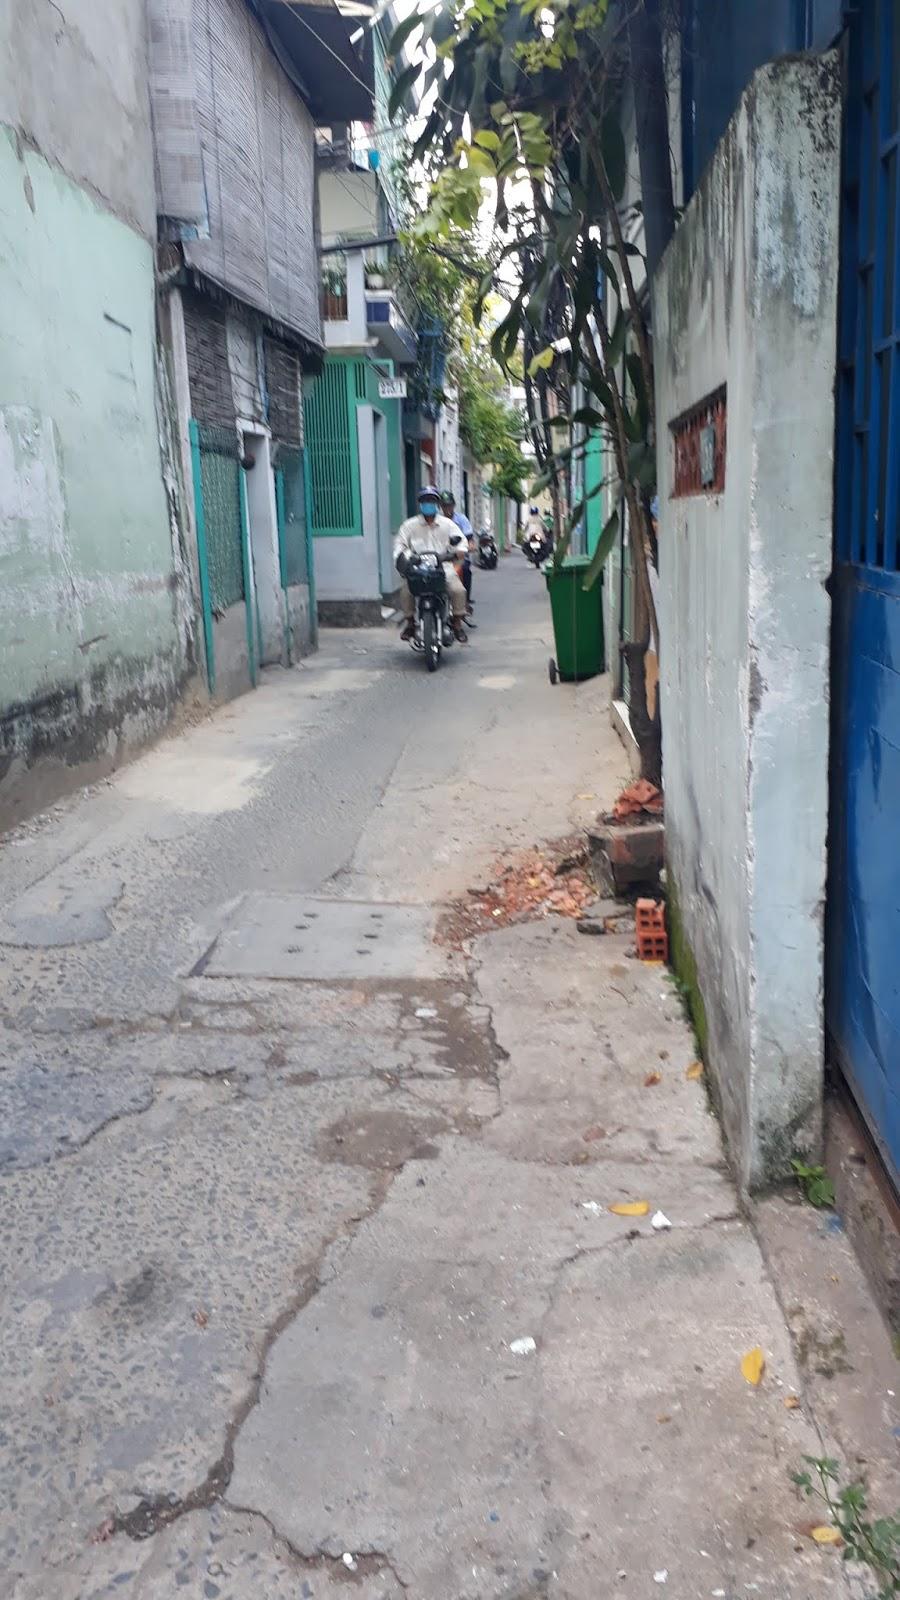 Bán nhà hẻm 275 Bạch Đằng phường 15 quận Bình Thạnh